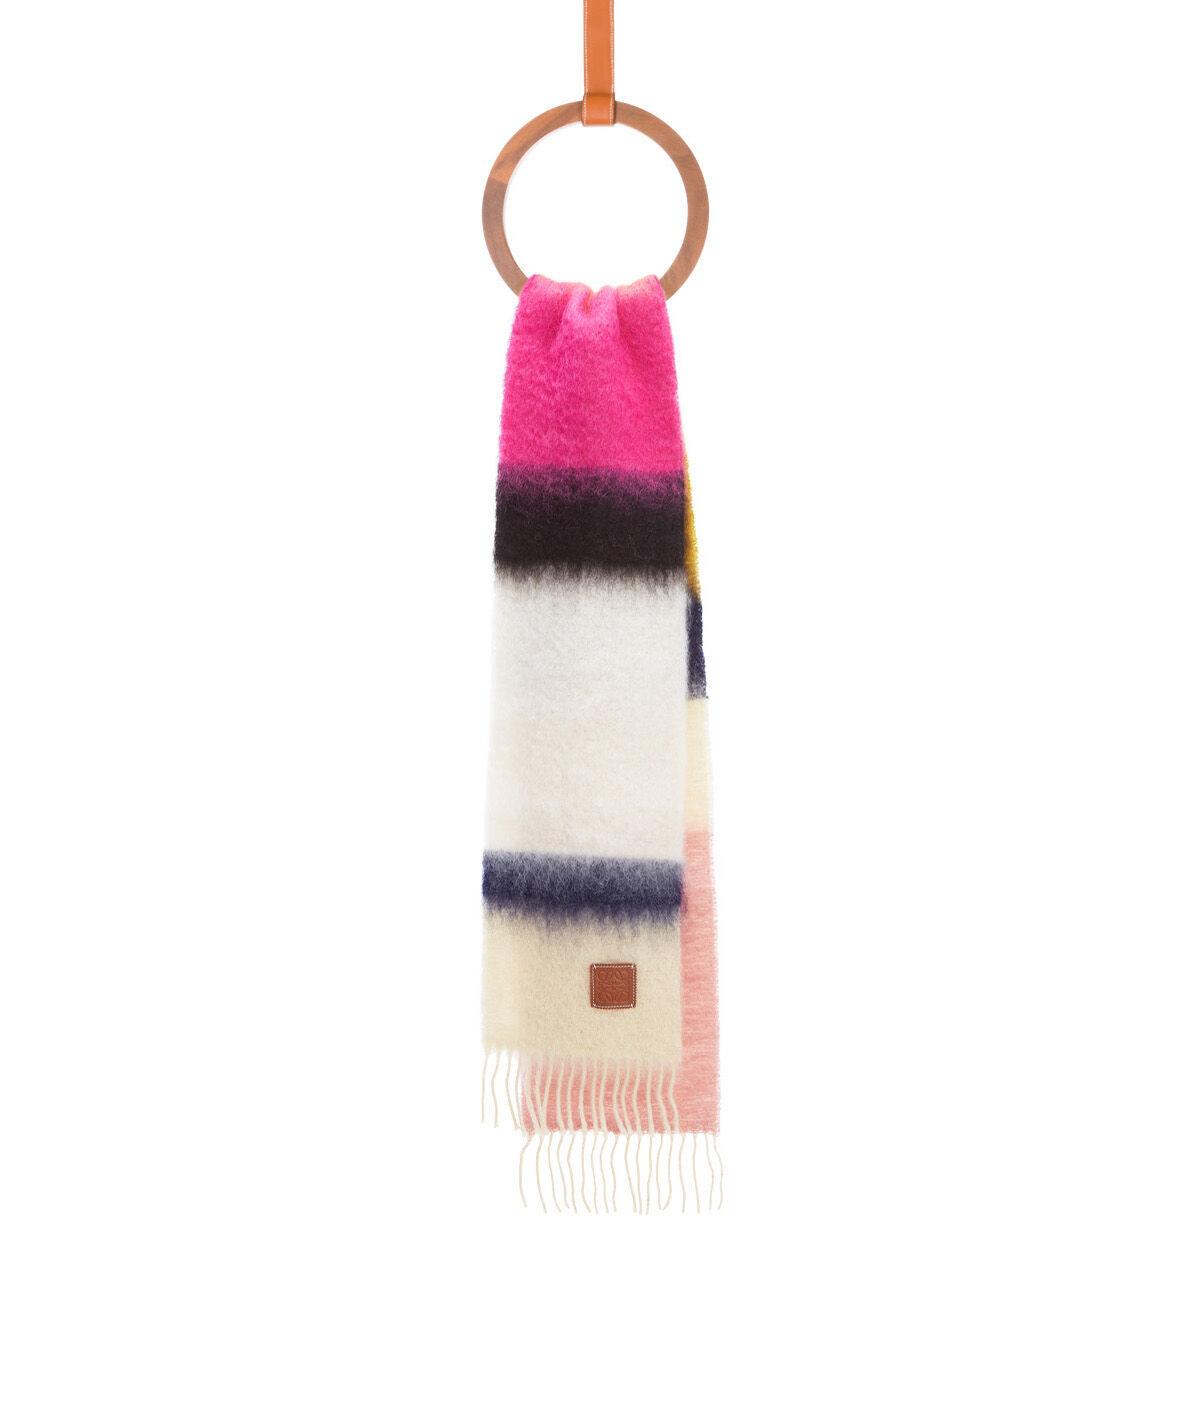 LOEWE 23X185 Scarf Stripes Pink/Black all